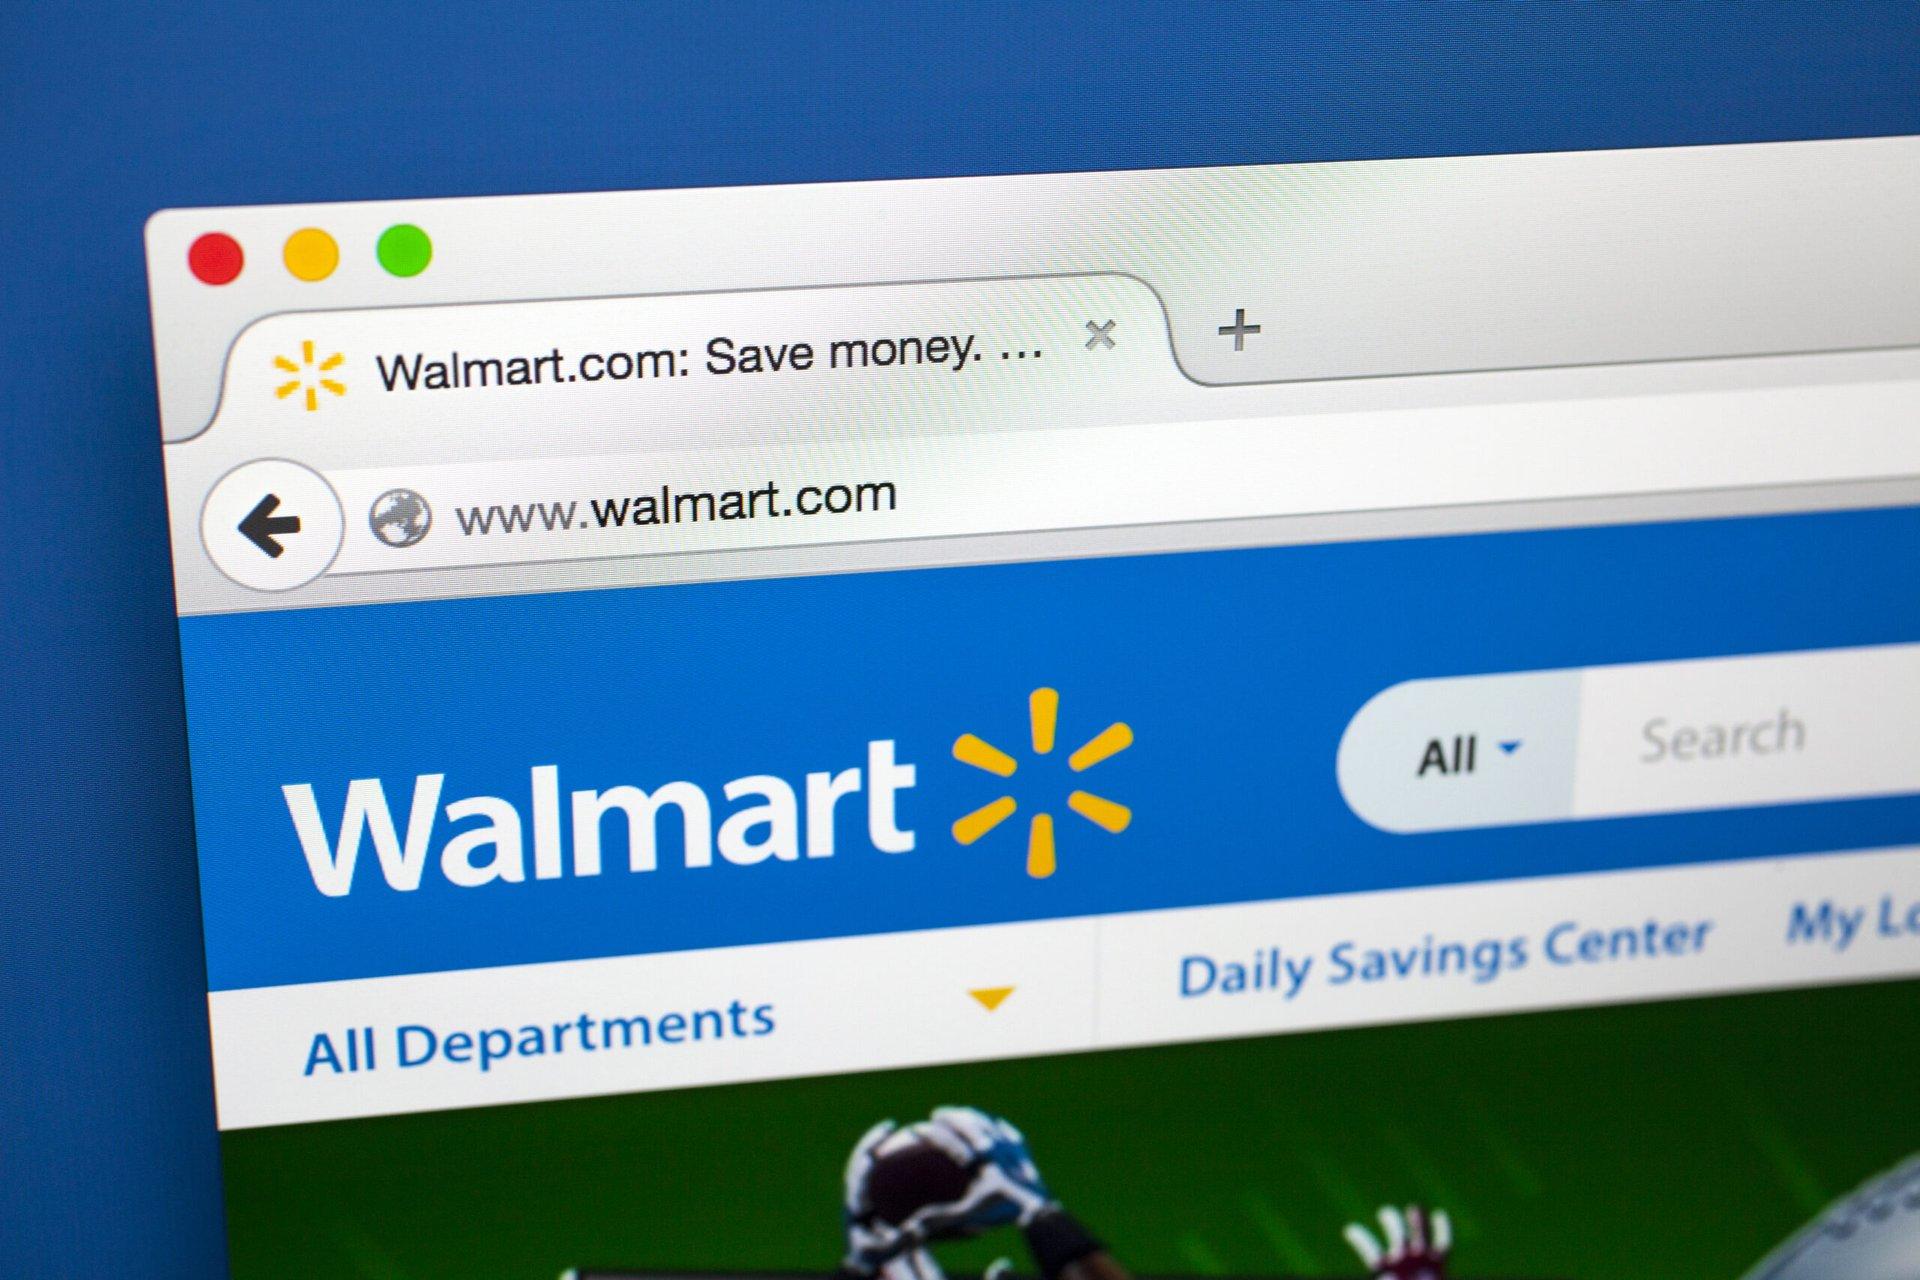 Walmart website